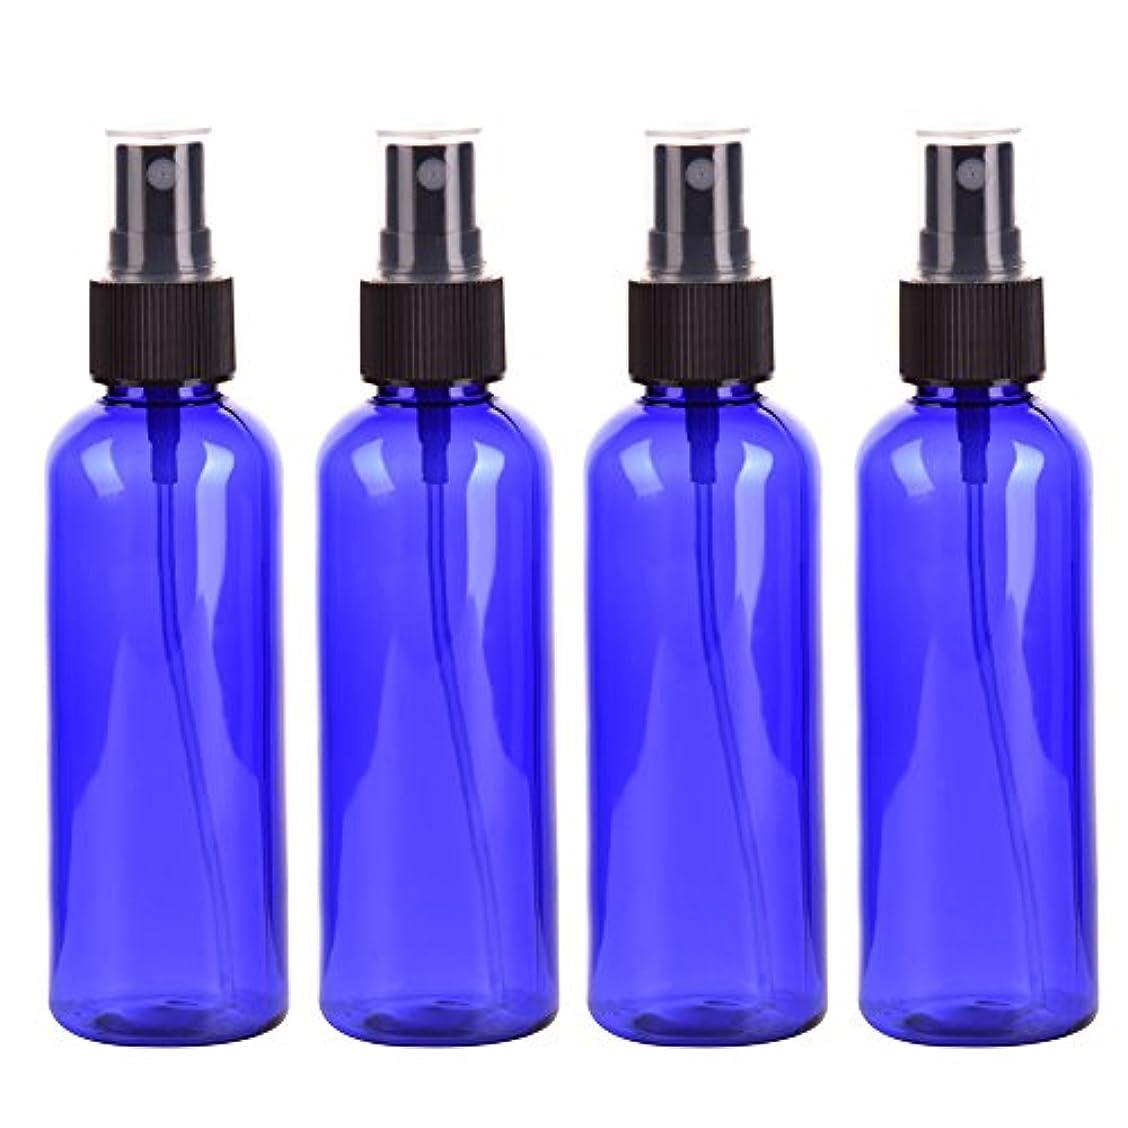 ベイビー教室削減Farlong 4本セット スプレーボトル 3色おしゃれ PETボトル 100ml (A)